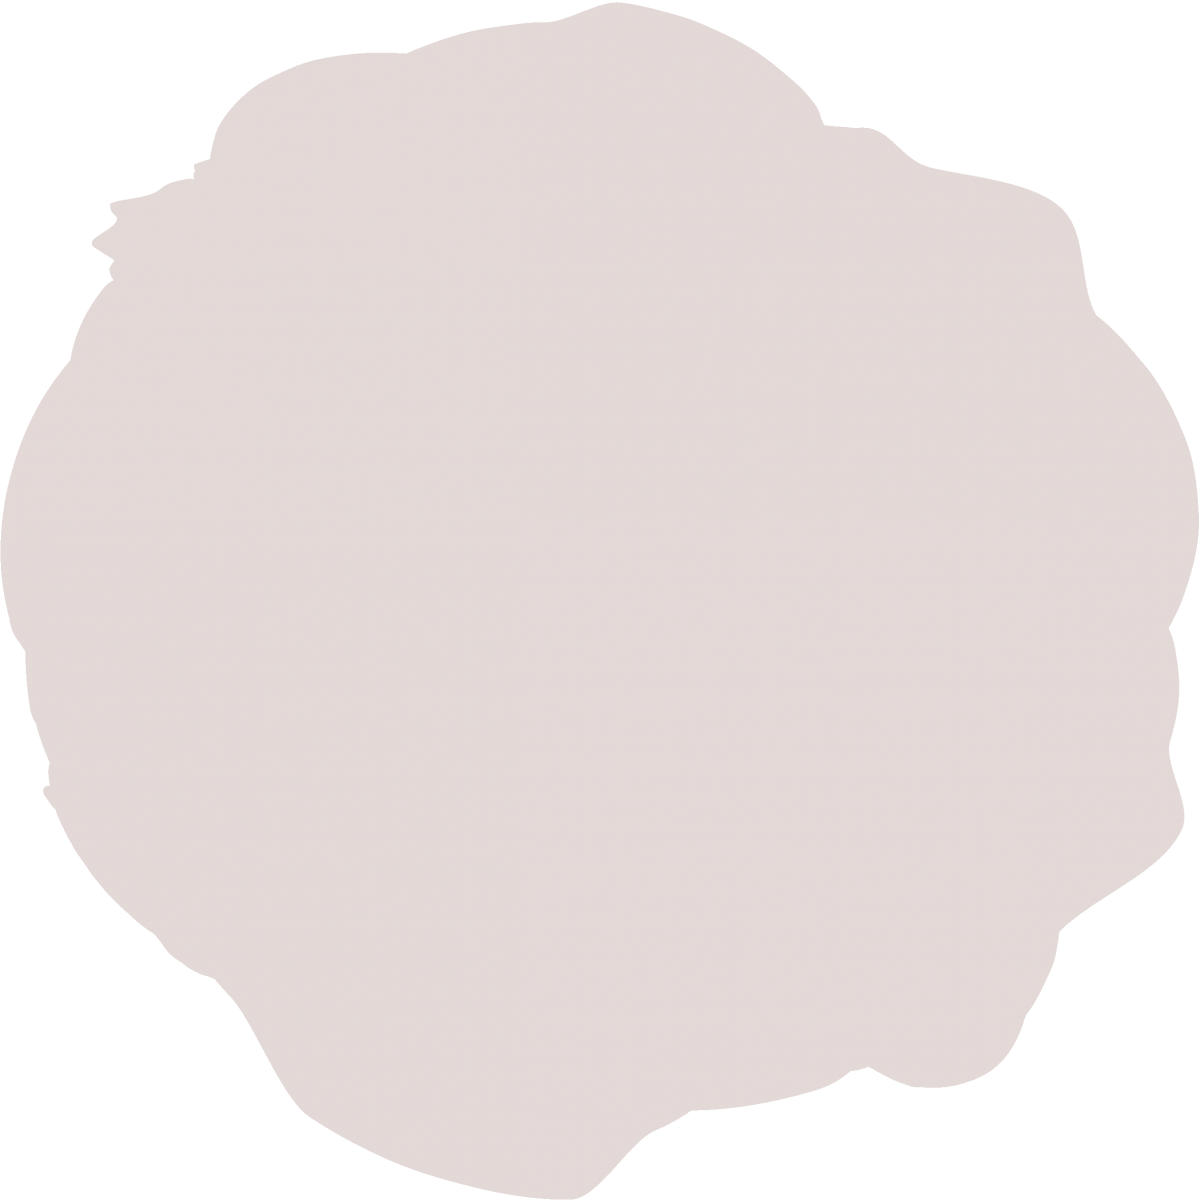 TOUCHAlkoholInkFASTLAVPRIS-097